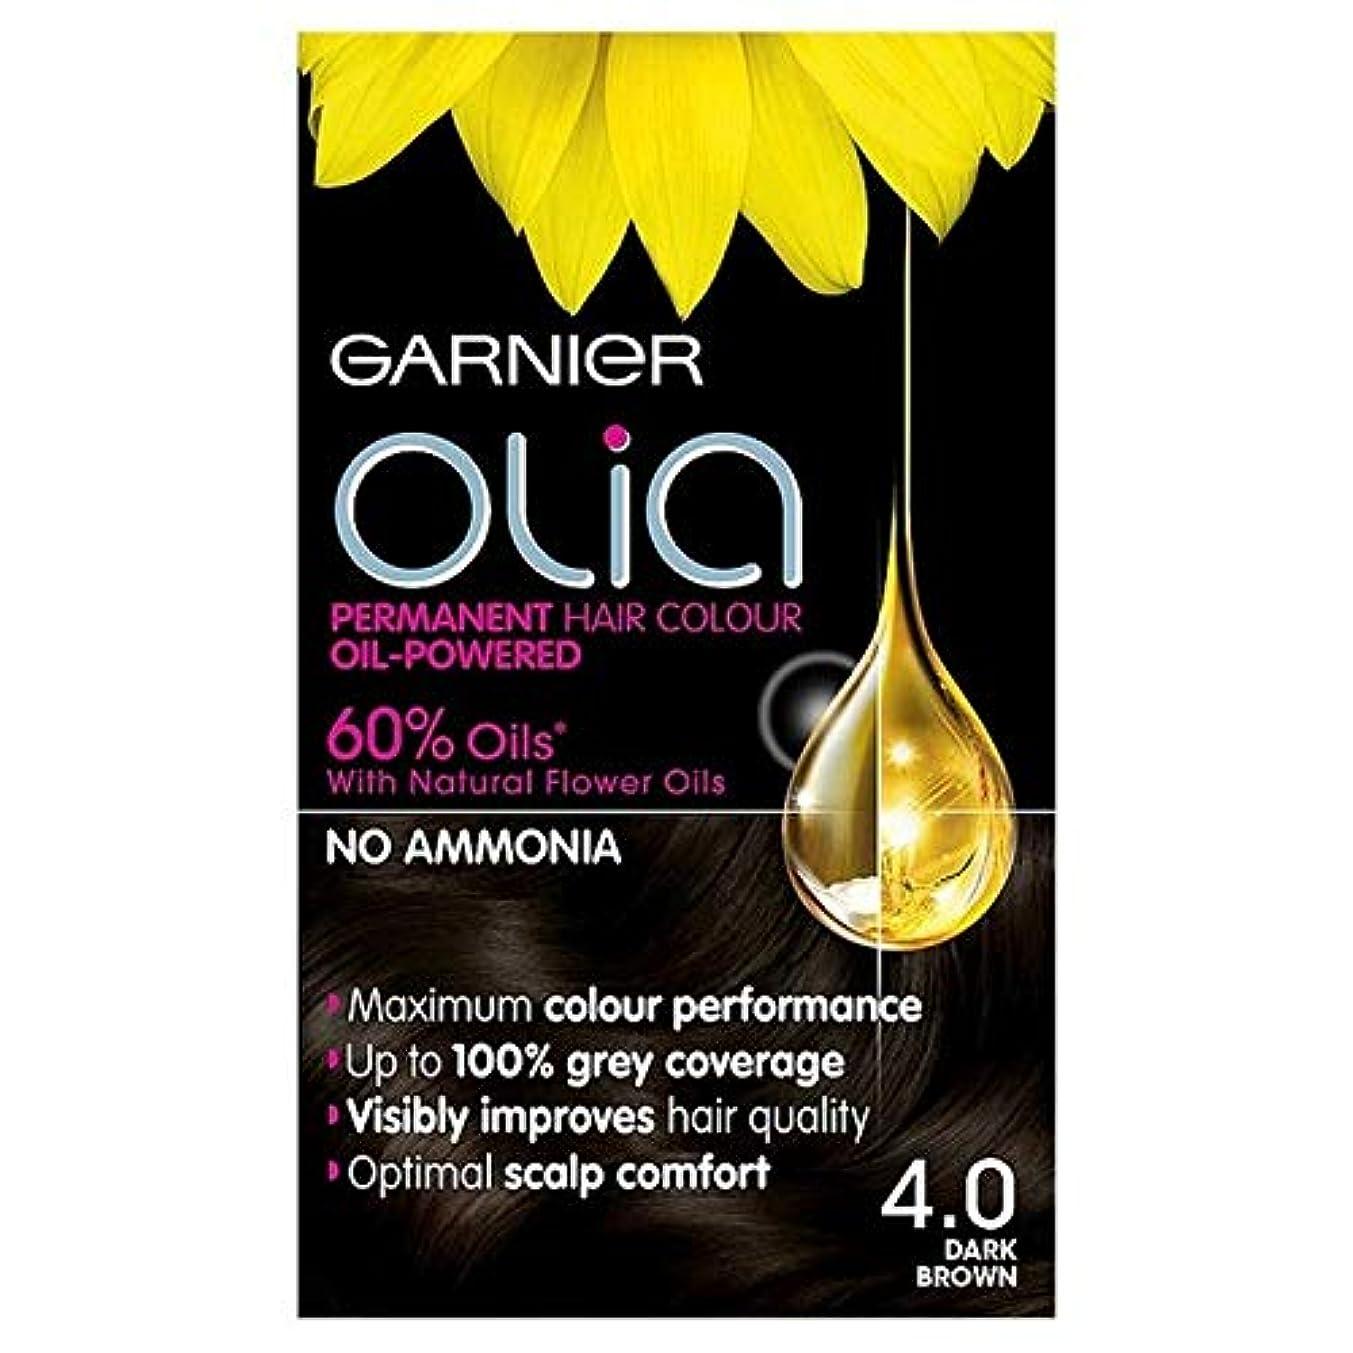 リベラル病んでいるクラックポット[Garnier ] 4.0ダークブラウン永久染毛剤Oliaガルニエ - Garnier Olia 4.0 Dark Brown Permanent Hair Dye [並行輸入品]